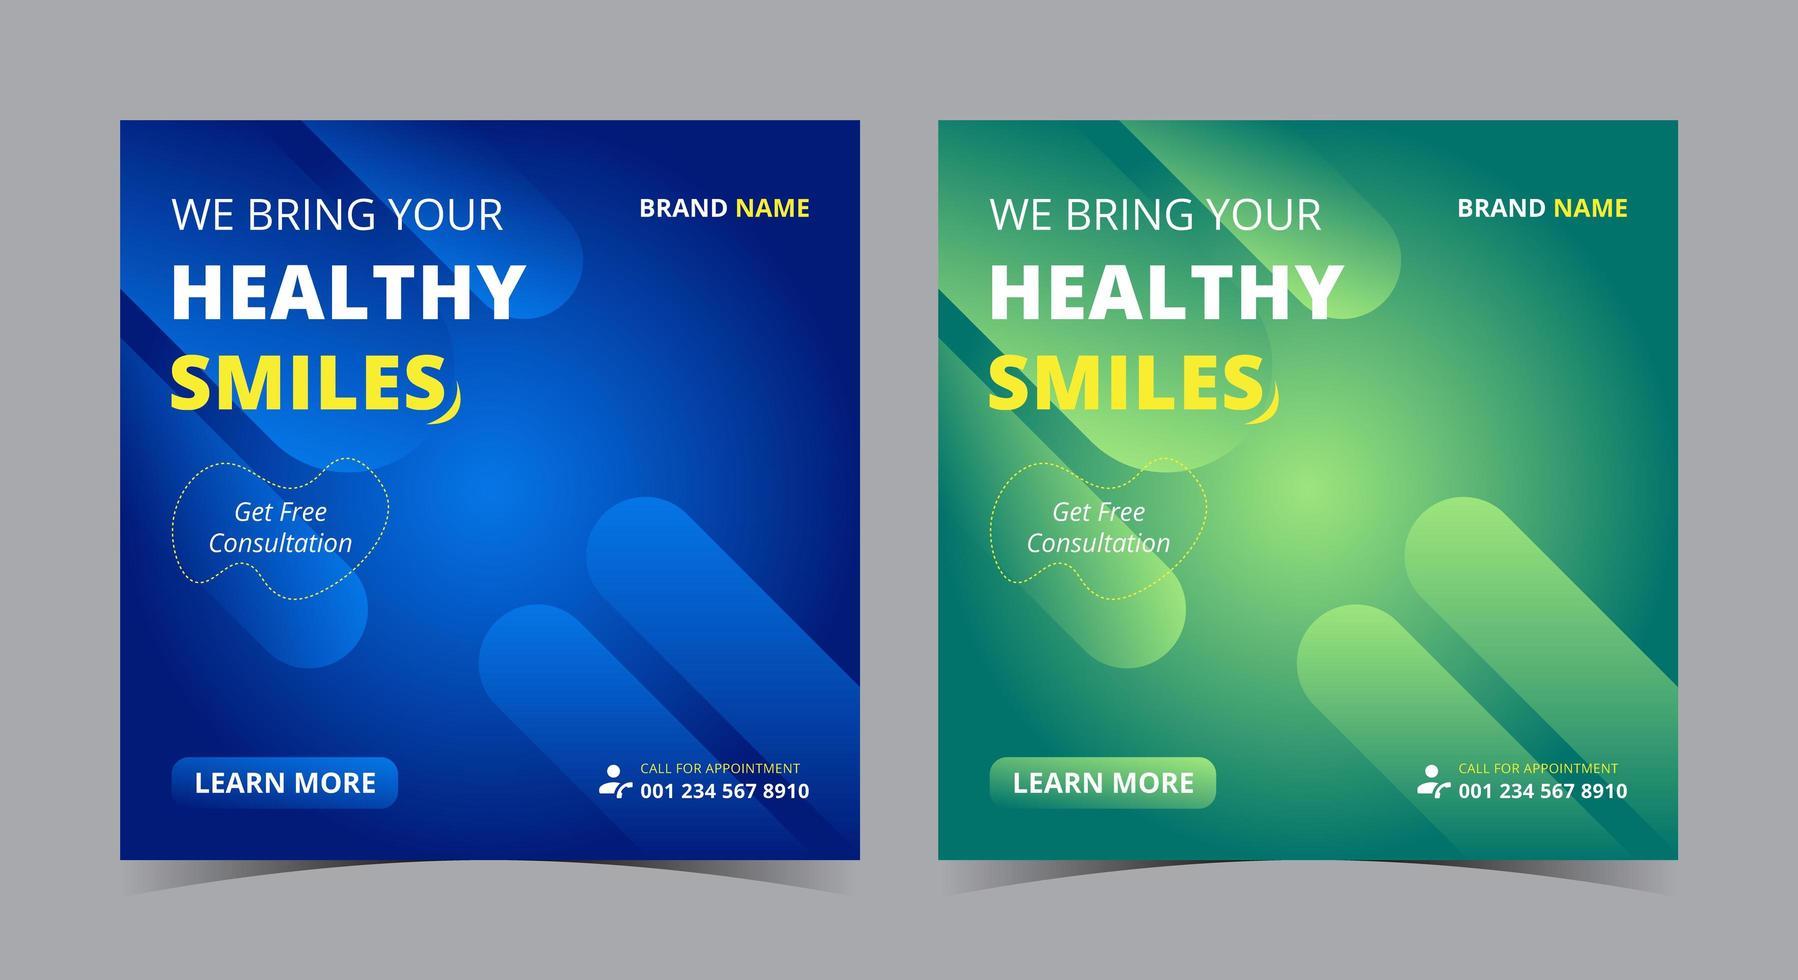 hälsosamt leende affisch, tandvård sociala medier inlägg och flygblad vektor